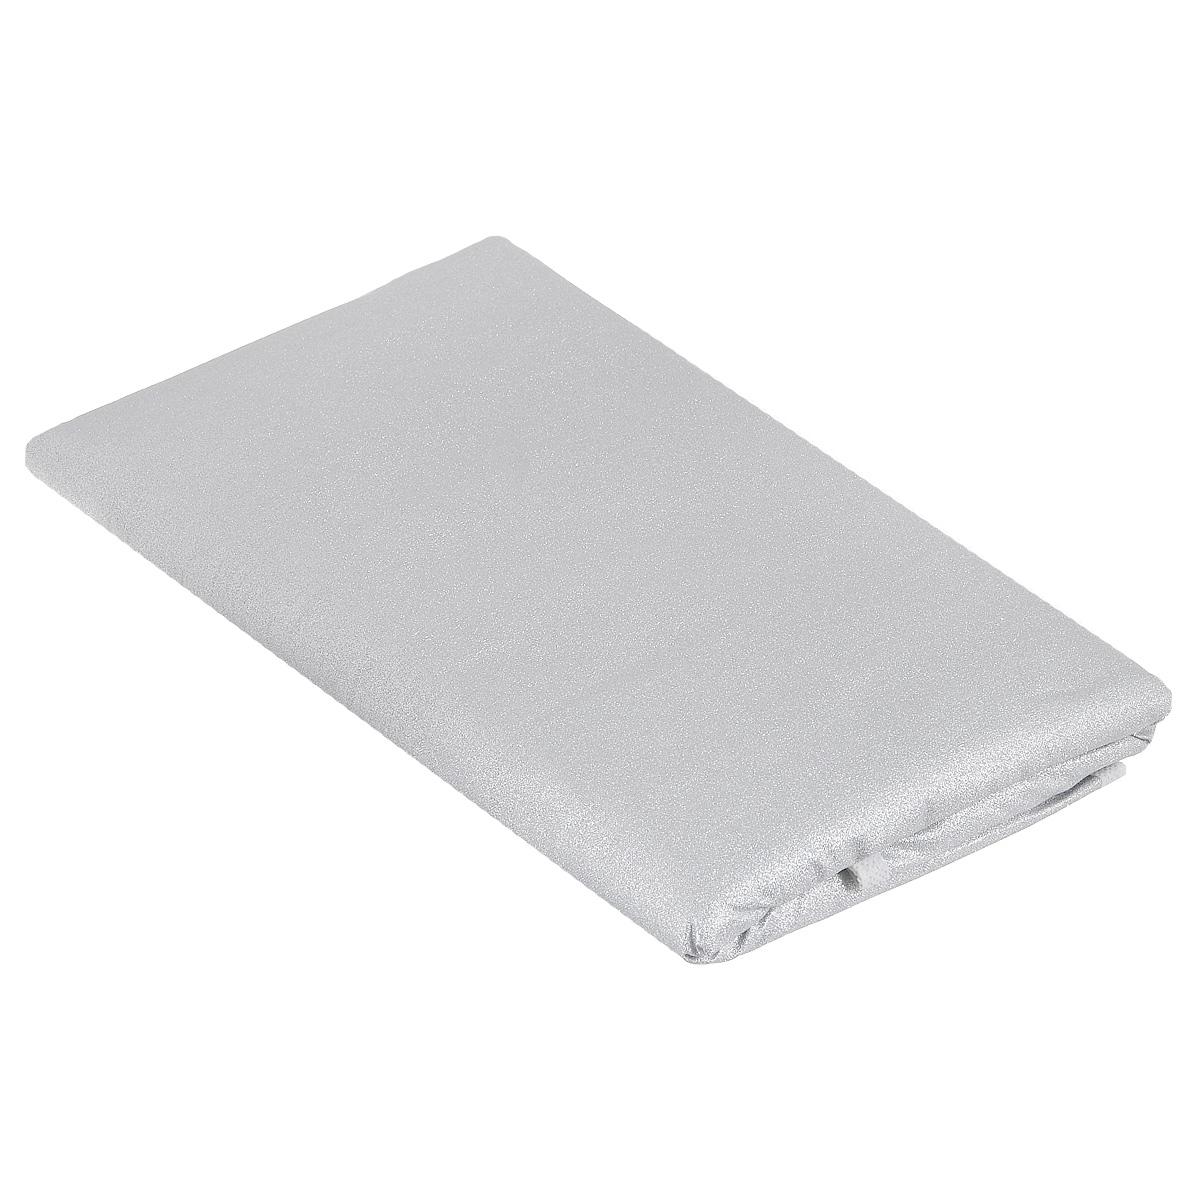 Чехол для гладильной доски Eva, цвет: серебристый, 156 х 53 смЕ121_сереброЧехол для гладильной доски Eva выполнен из хлопчатобумажной ткани с термостойким тефлоновым покрытием и поролоновой подкладкой. Чехол предназначен для защиты или замены изношенного покрытия гладильной доски. Благодаря удобной системе фиксации легко крепится к гладильной доске. Этот качественный чехол обеспечит вам легкое глажение. Размер чехла: 156 см x 53 см. Размер доски, для которой предназначен чехол: 148 см x 46 см.